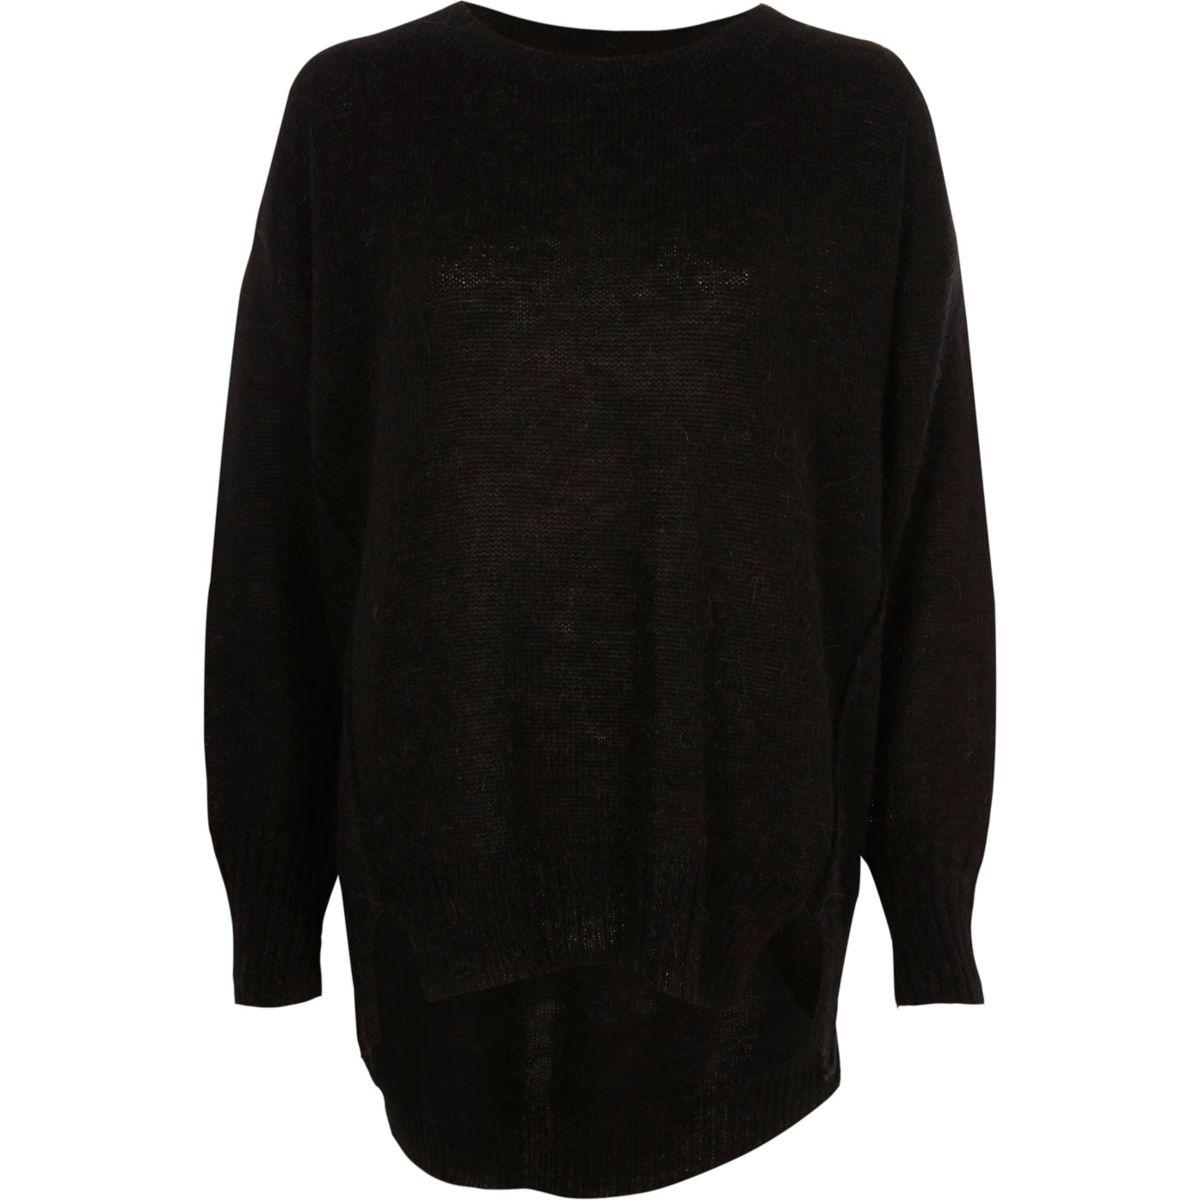 Black crew neck mohair sweater